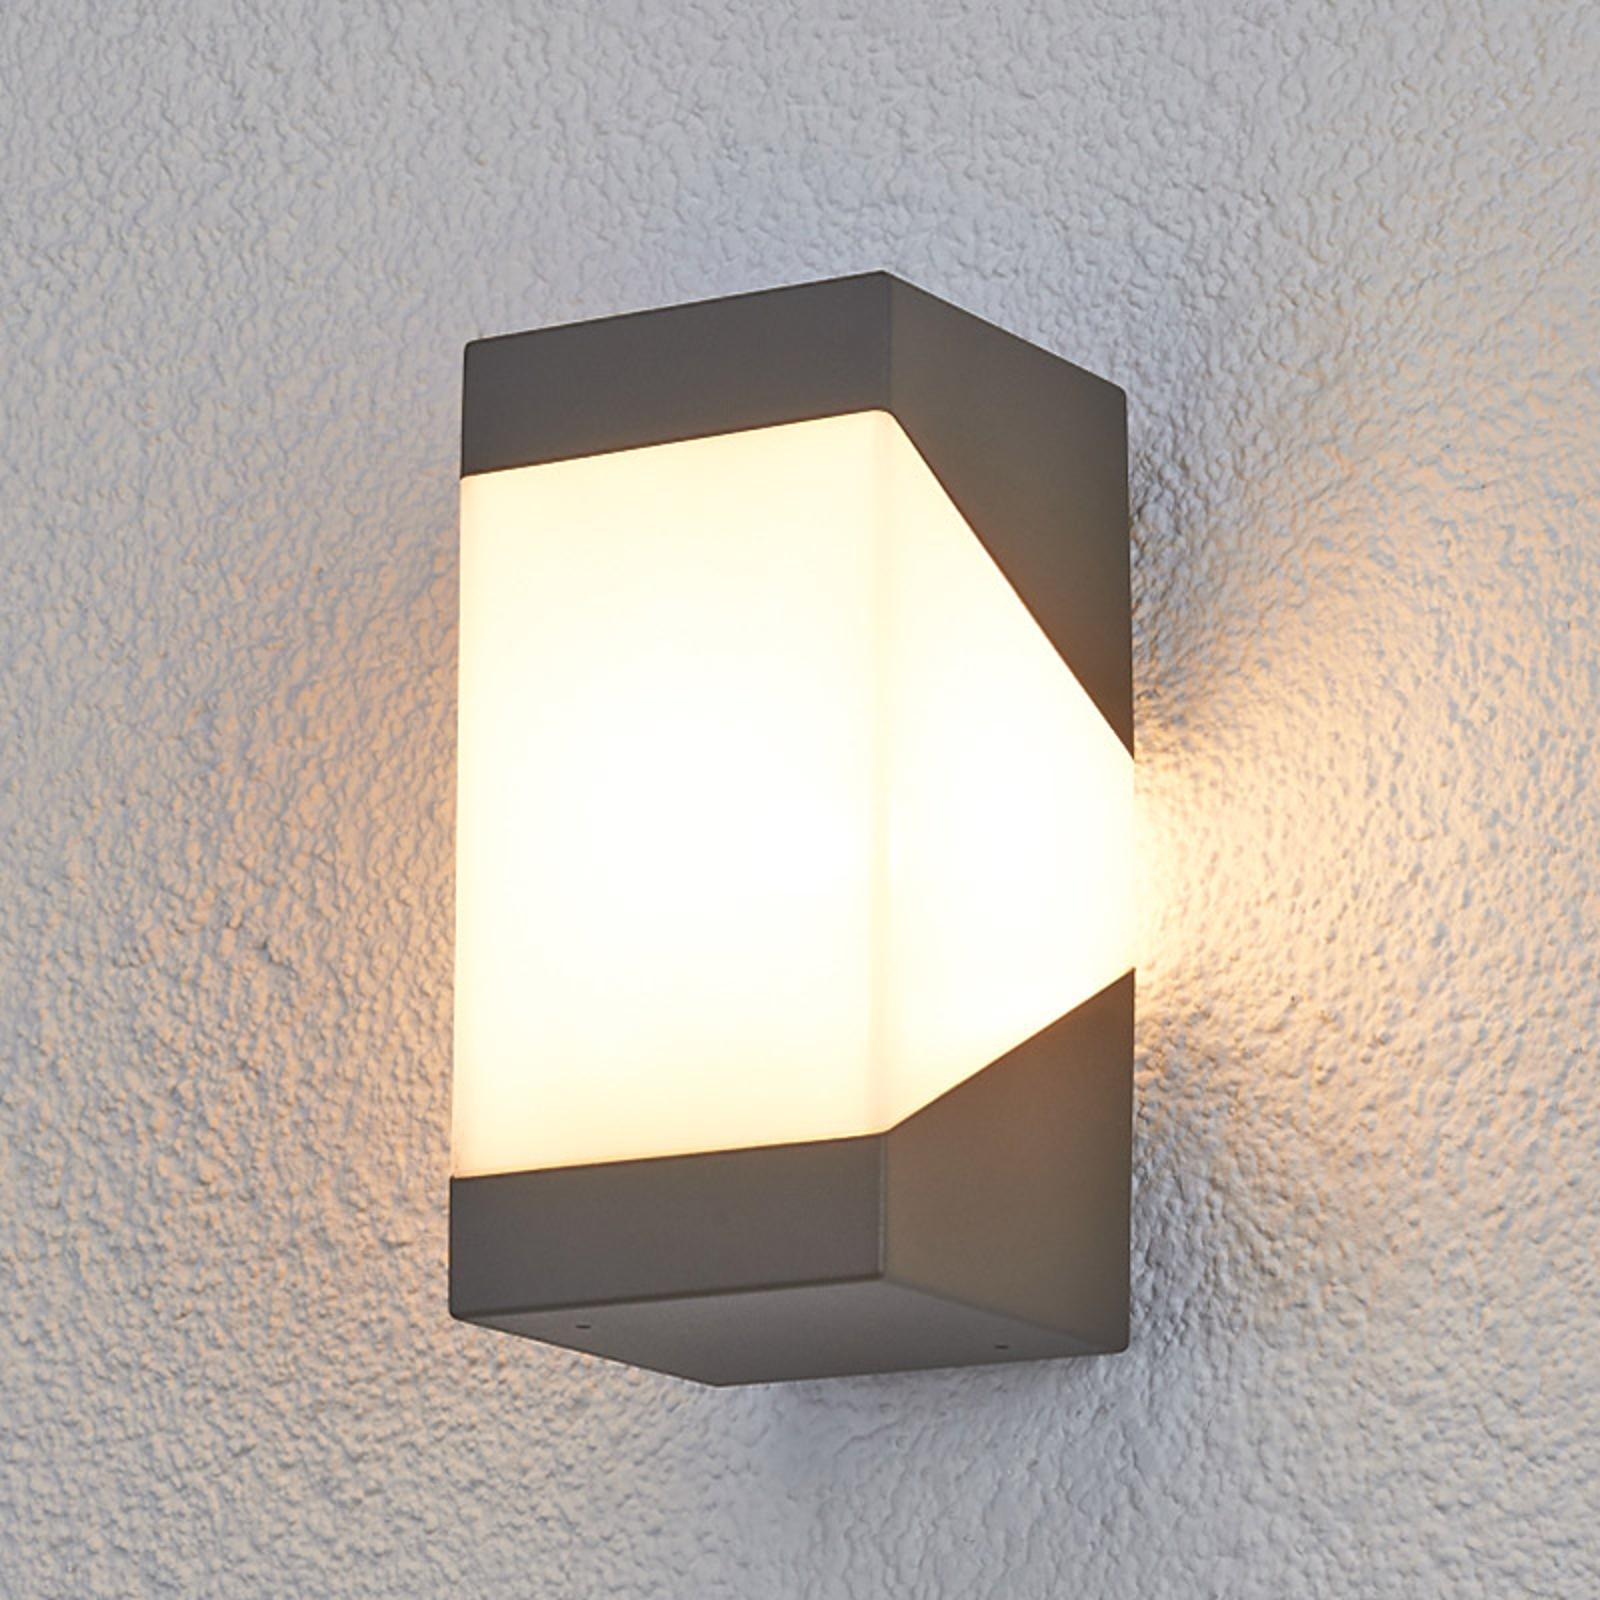 Efektowna lampa ścienna zewnętrzna Kiran